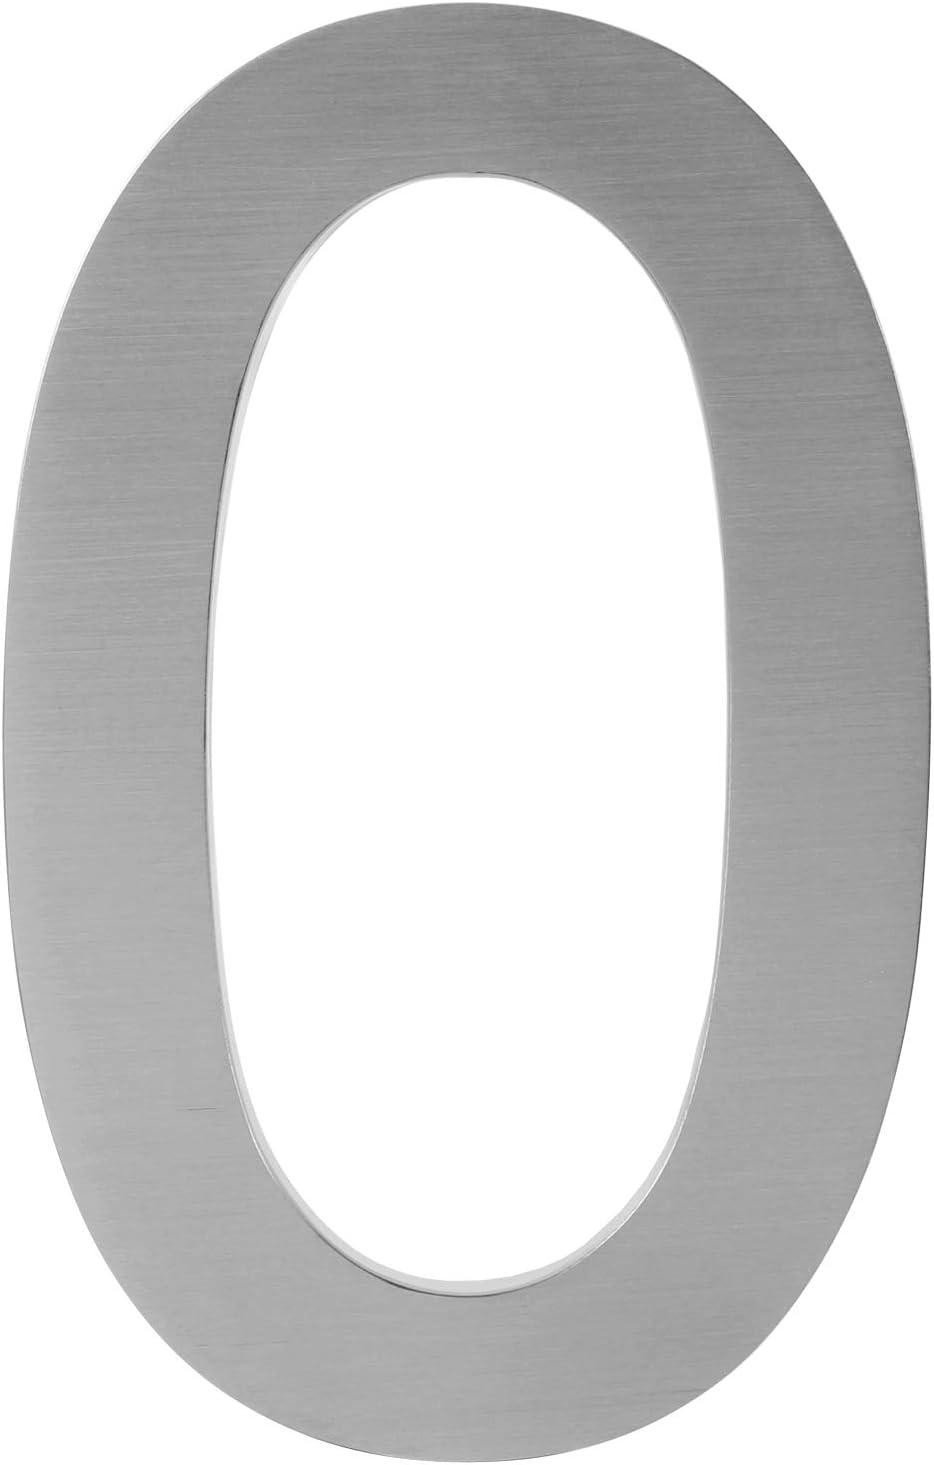 Numero civico in acciaio inox spazzolato V2A in design 3D Numero civico altezza 20 cm//profondit/à 3 cm bel design 3D antiruggine e resistente alle intemperie con materiale di montaggio